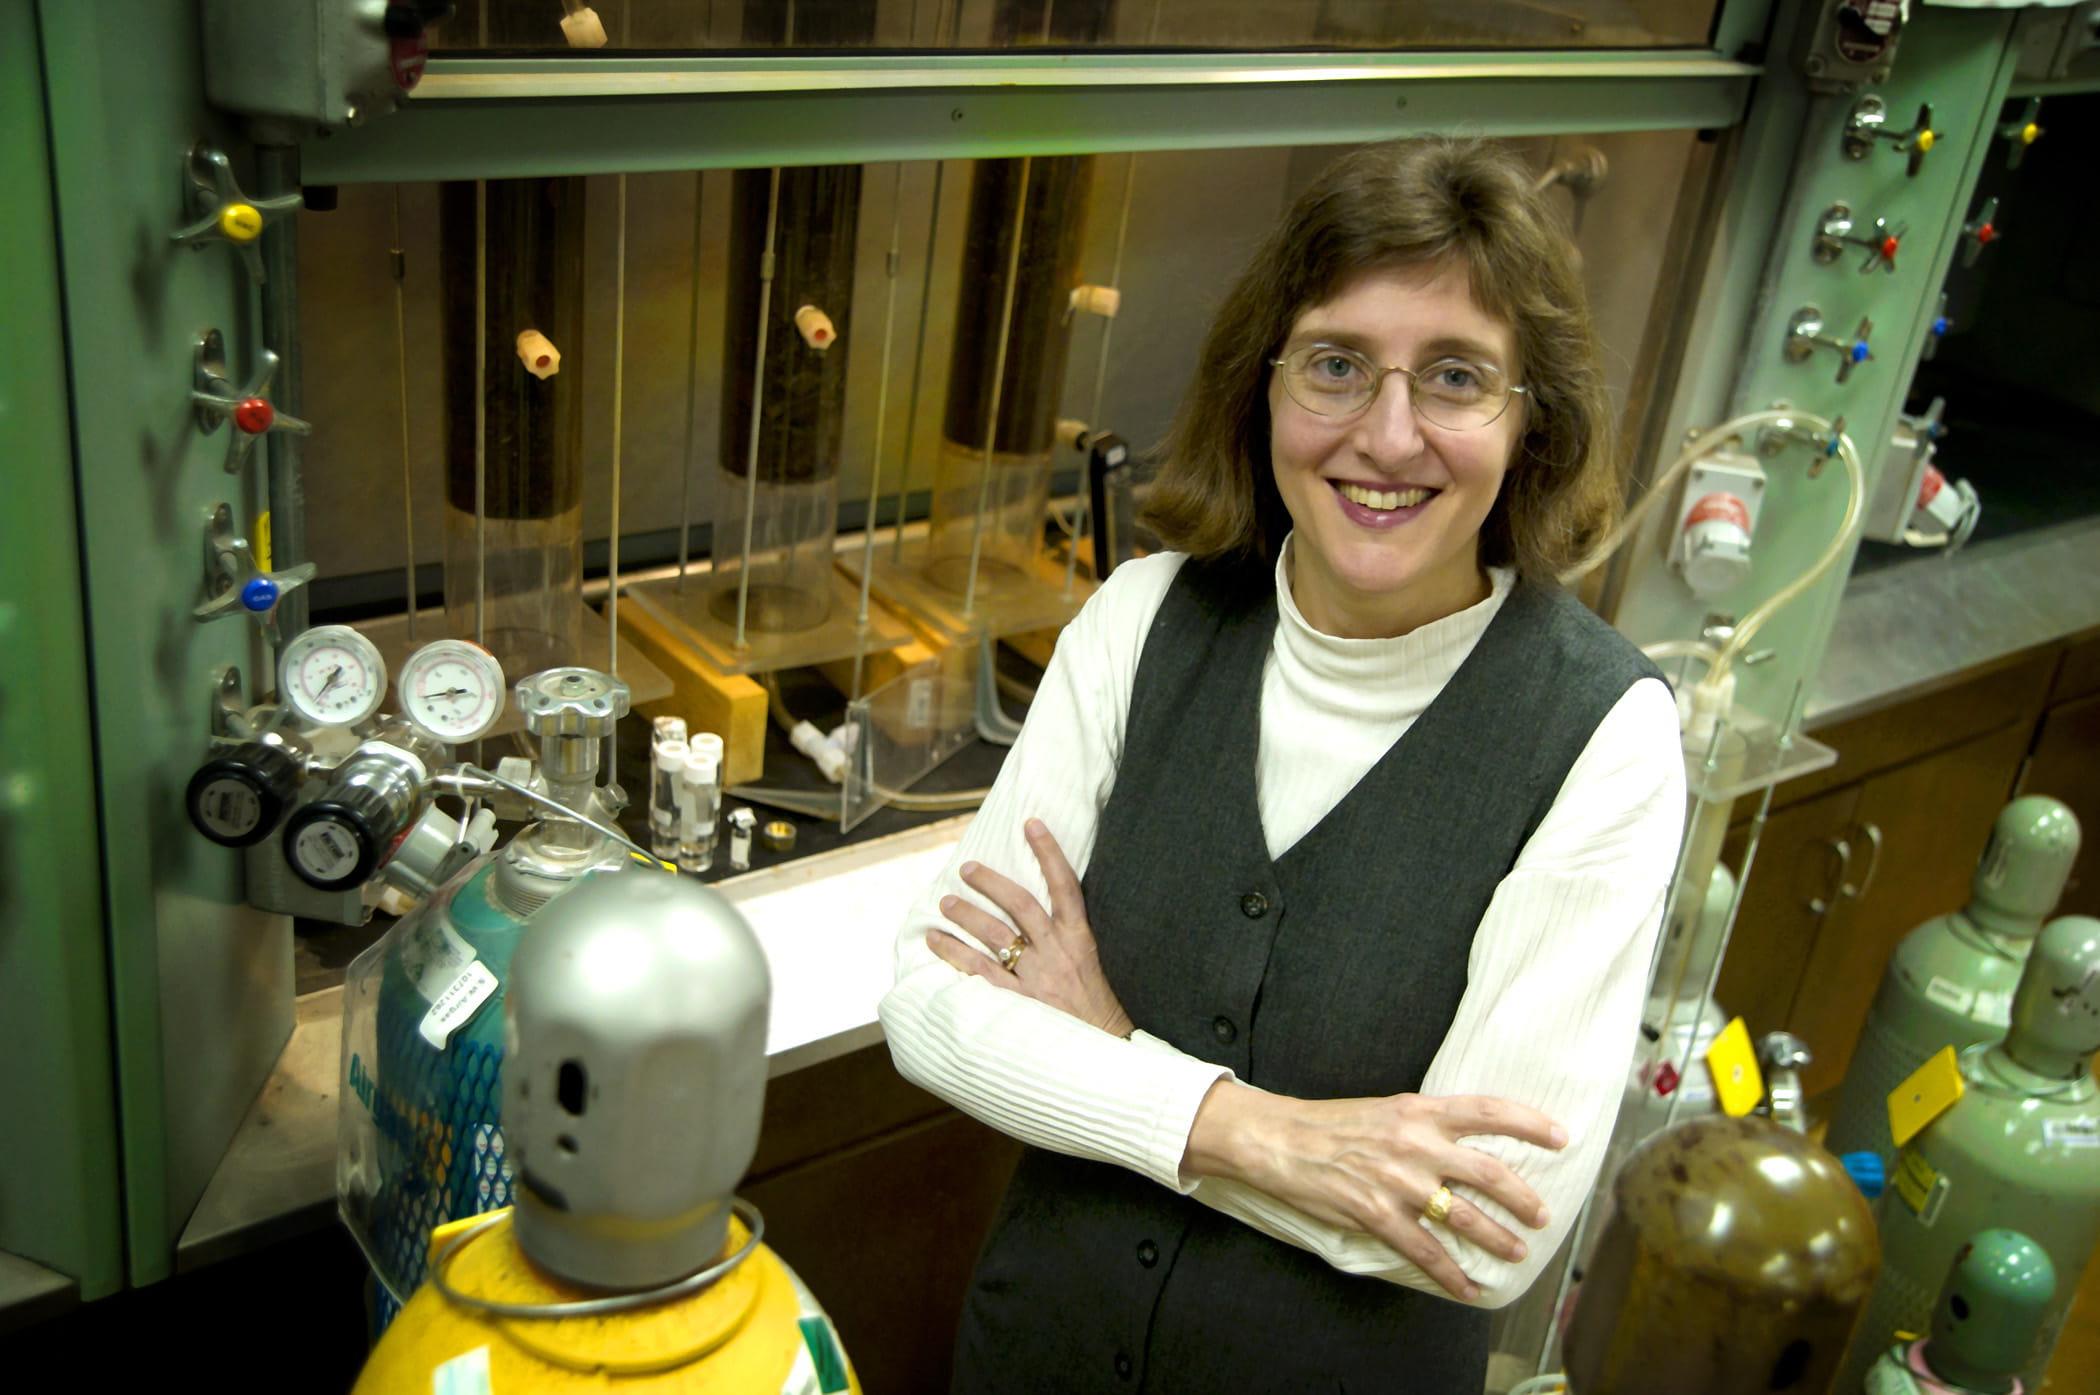 Melanie Sattler